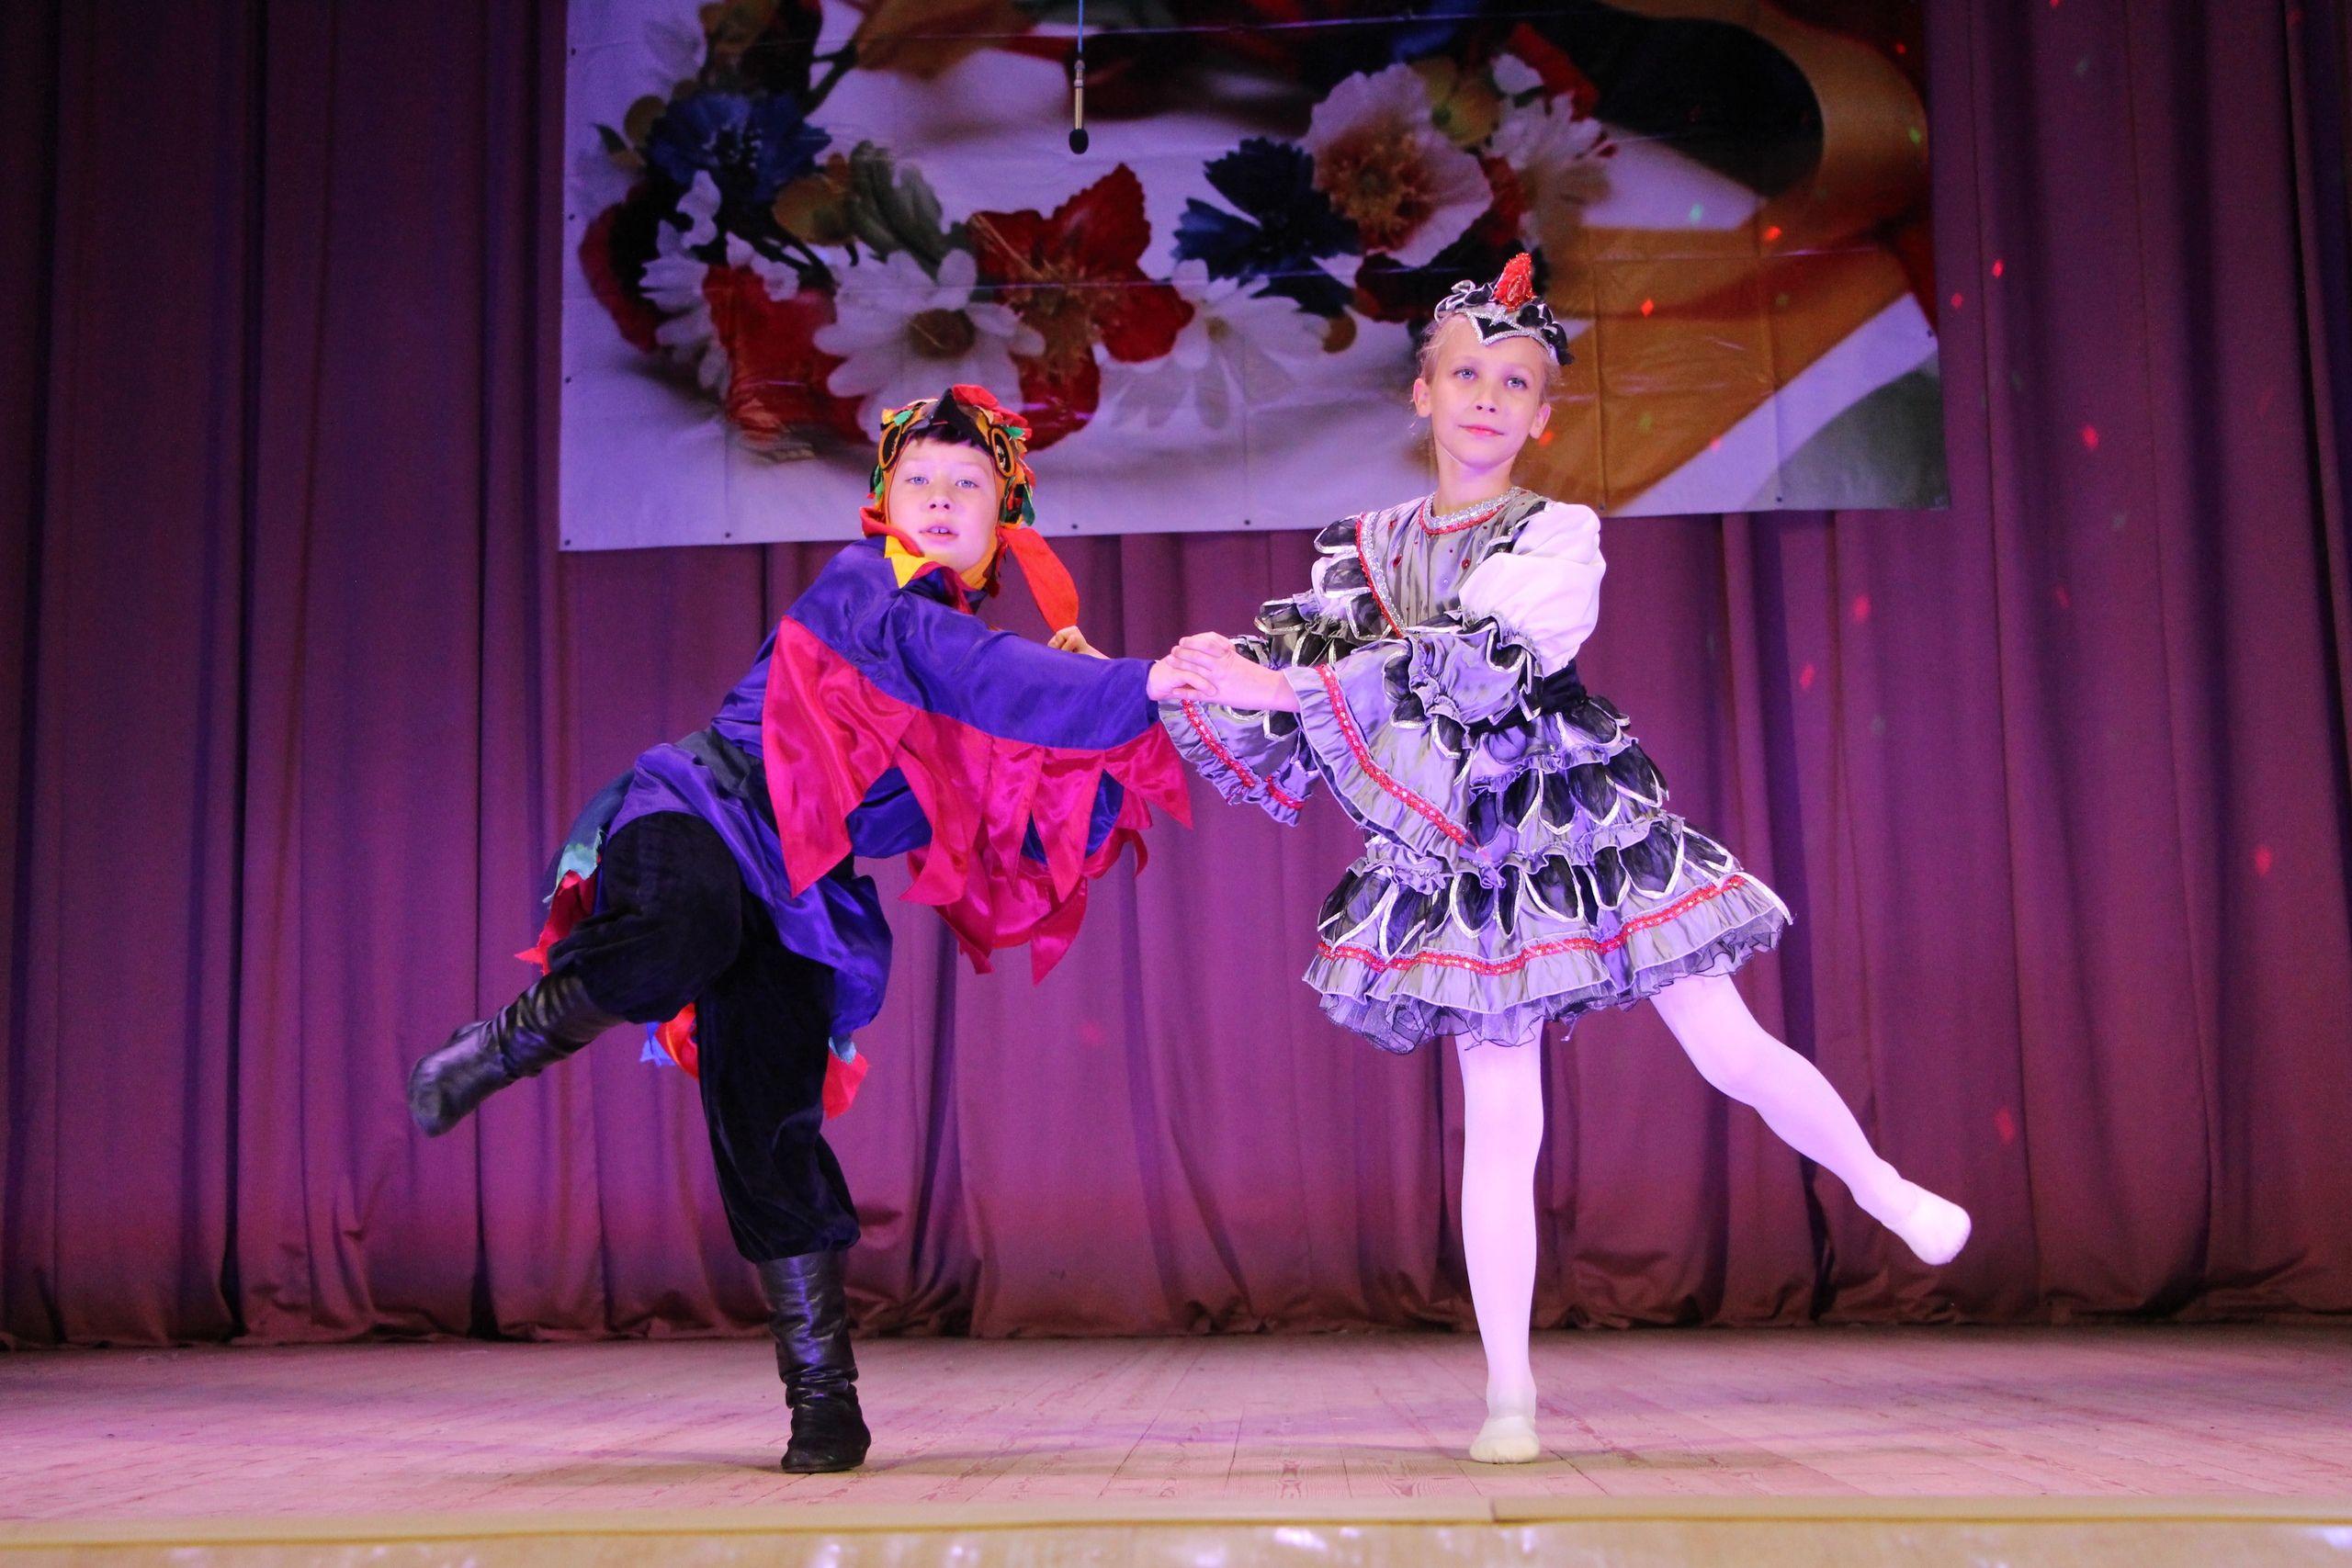 Фестиваль «Славянский венок» организуют в Первомайском